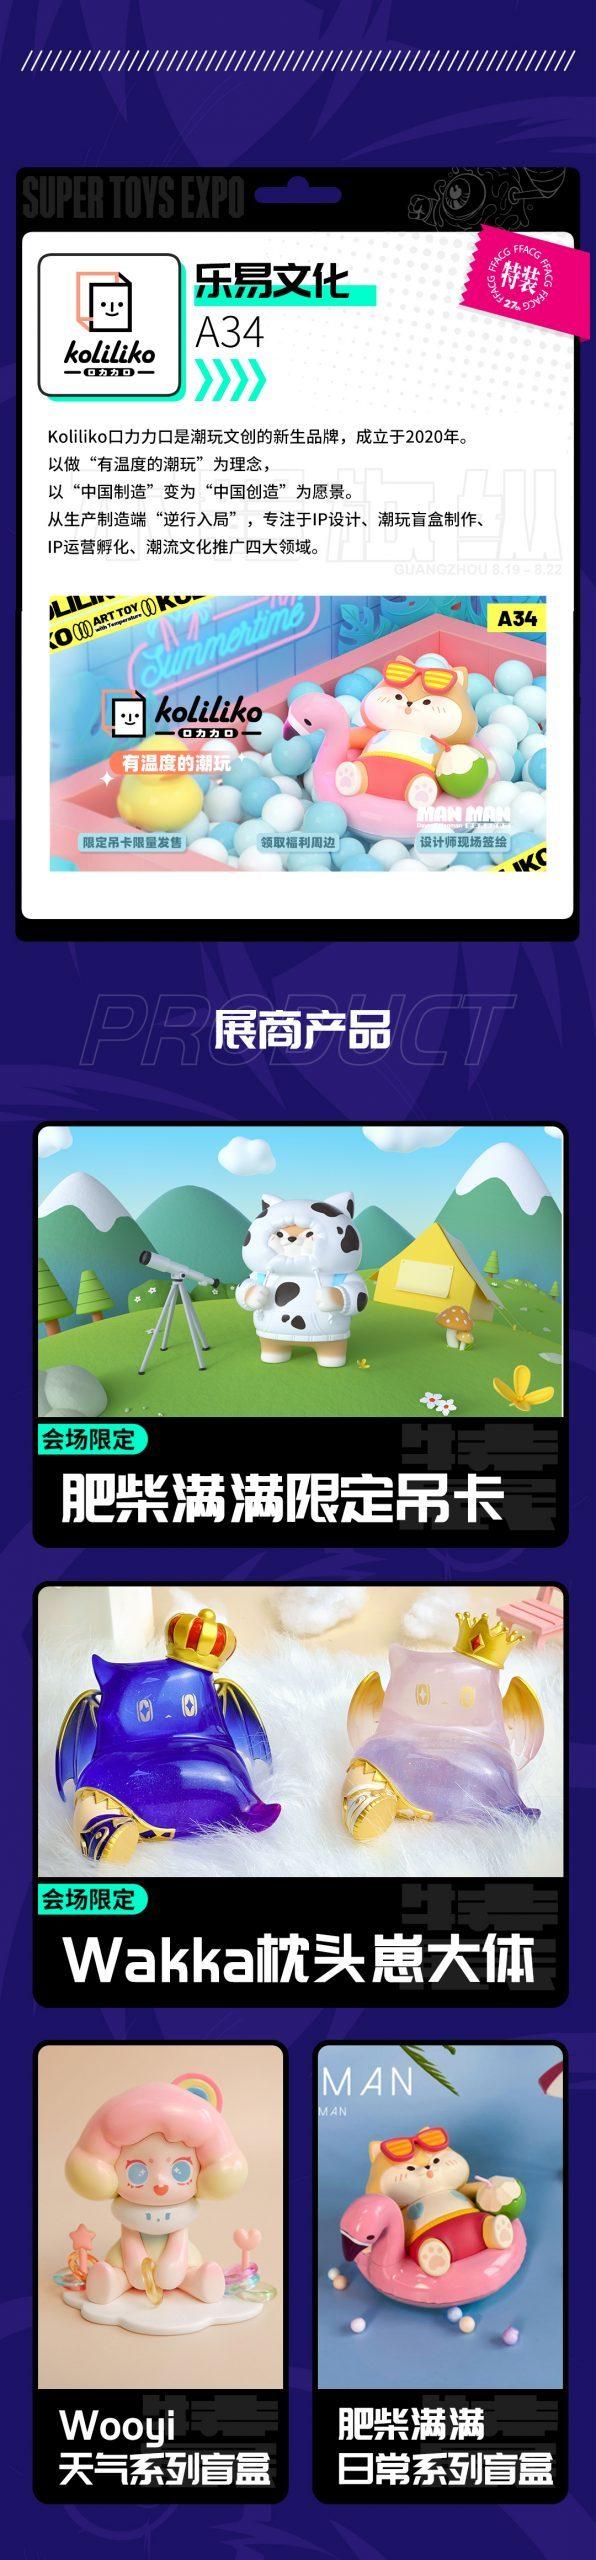 首届SUPER TOYS EXPO潮流与艺术特展情报大解禁!-C3动漫网